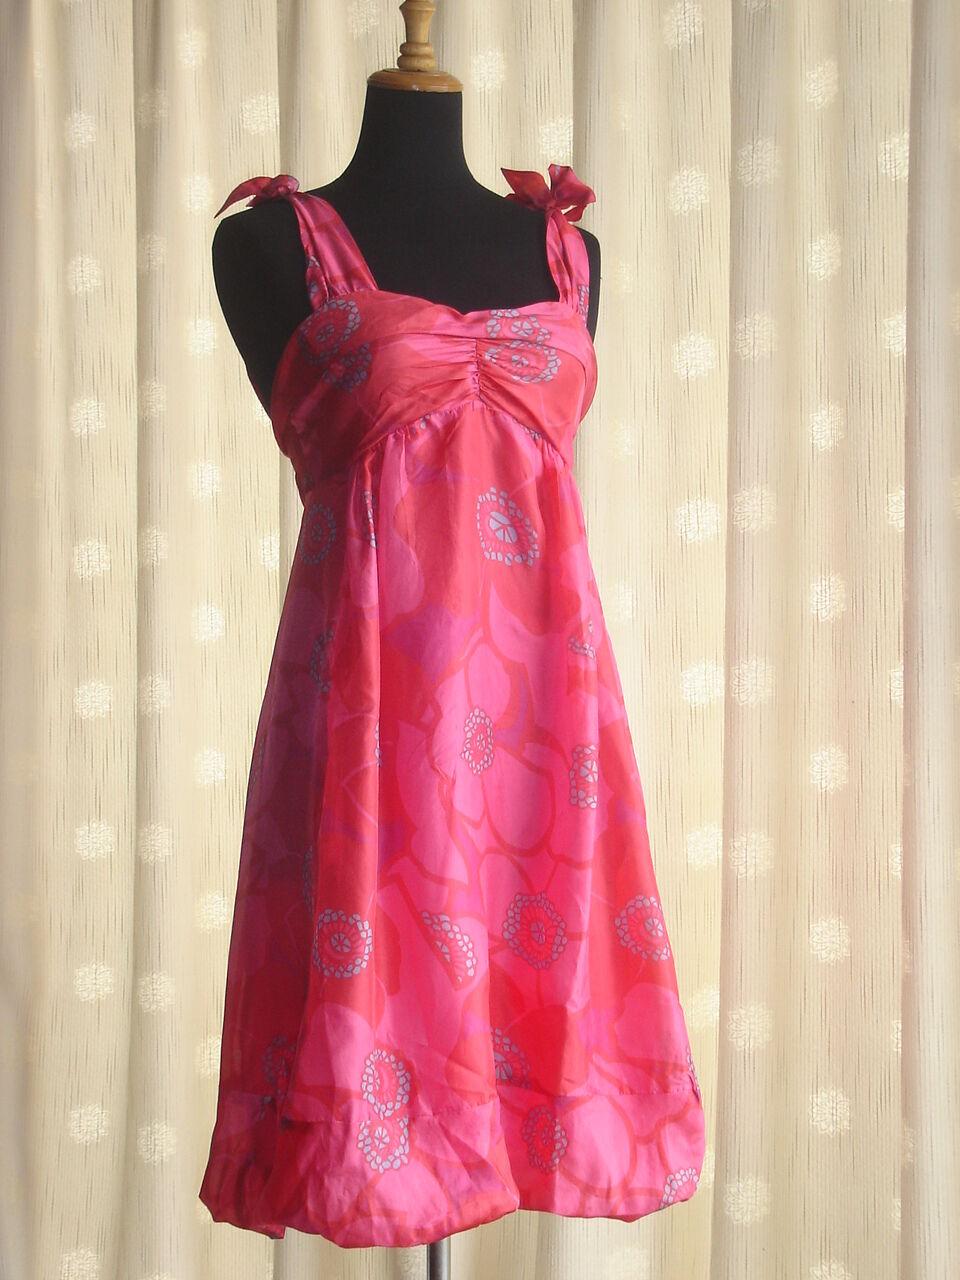 NWT VINTAGE MARC JACOBS VINTAGE SILK Rosa FLORAL BUBBLE TULIP DRESS 6 2 34